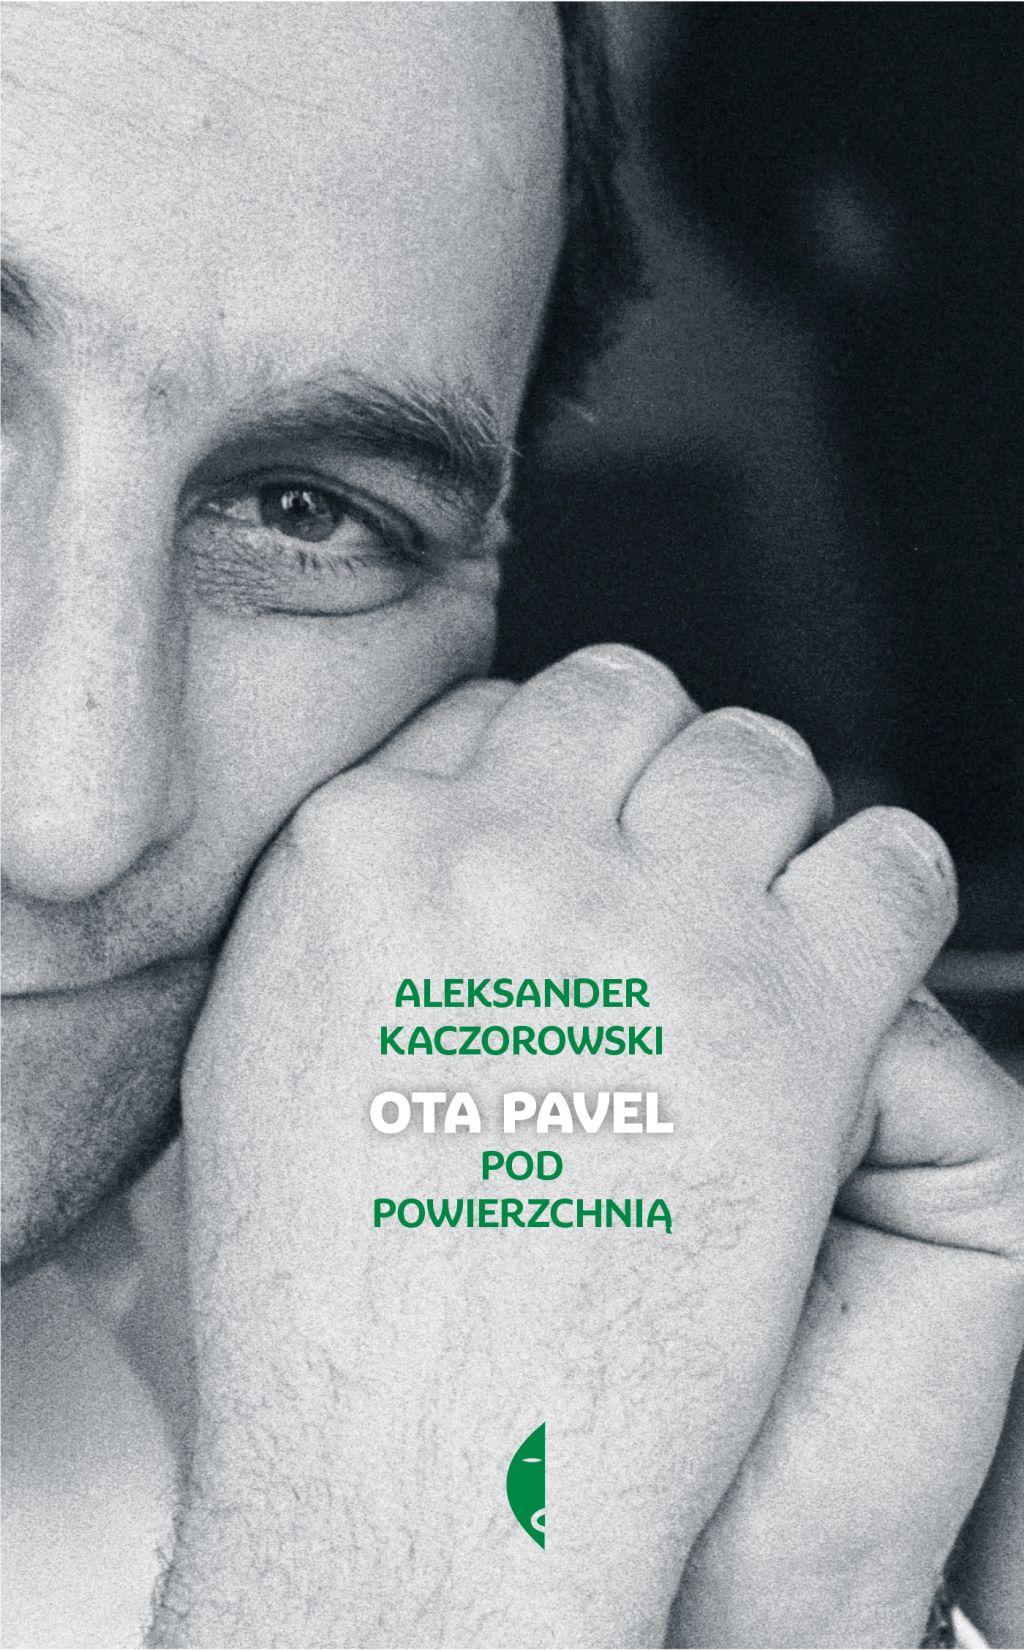 """Aleksander Kaczorowski, """"Ota Pavel. Pod powierzchnią"""" (źródło: materiały prasowe wydawnictwa)"""